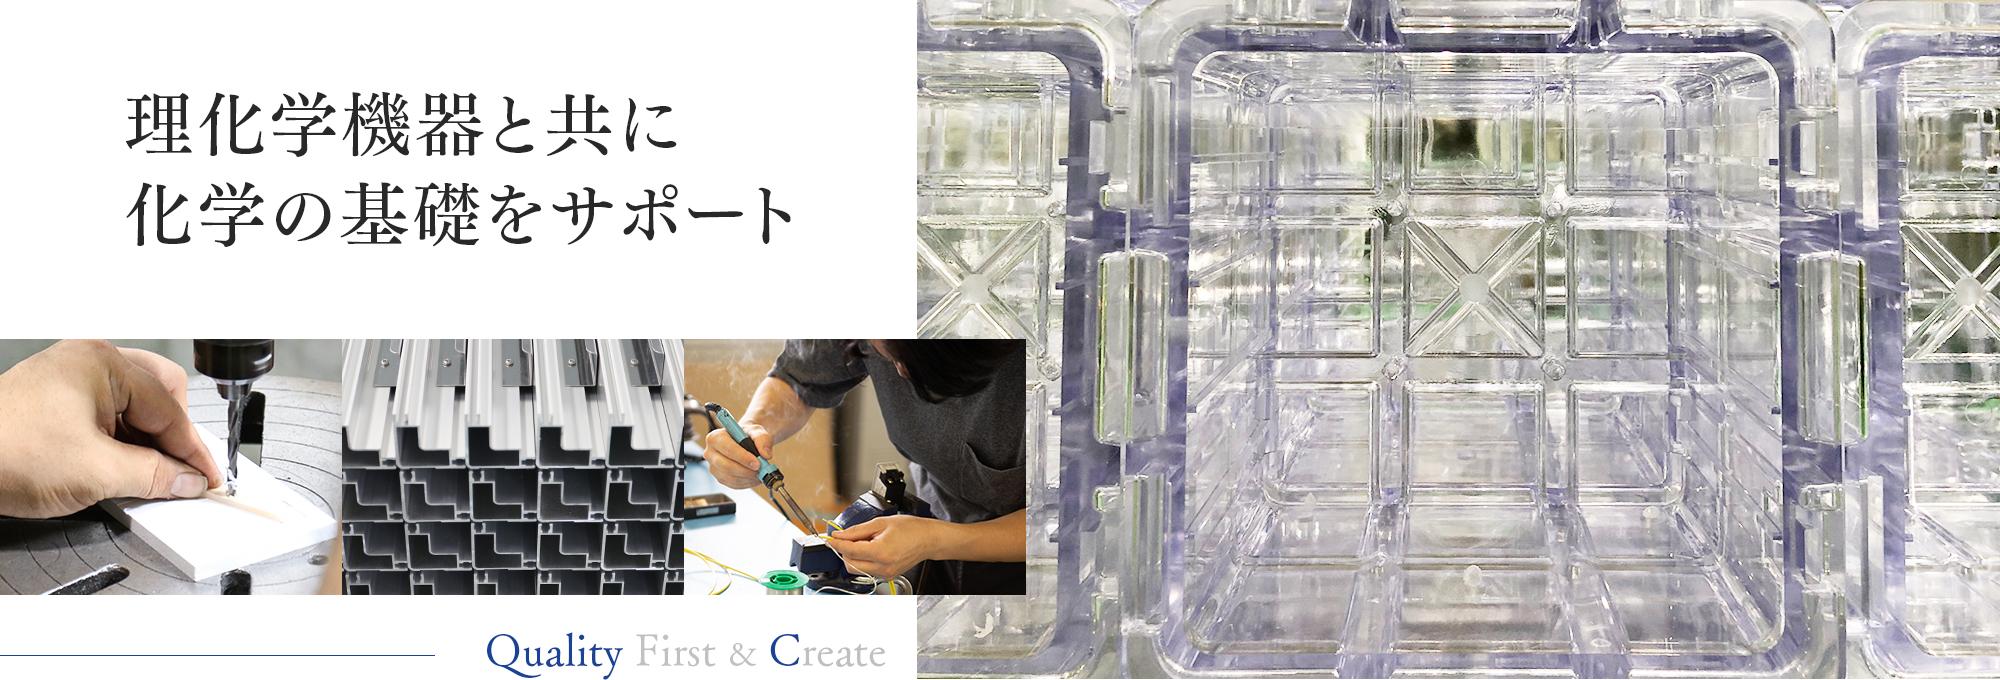 理化学機器と共に化学の基礎をサポート